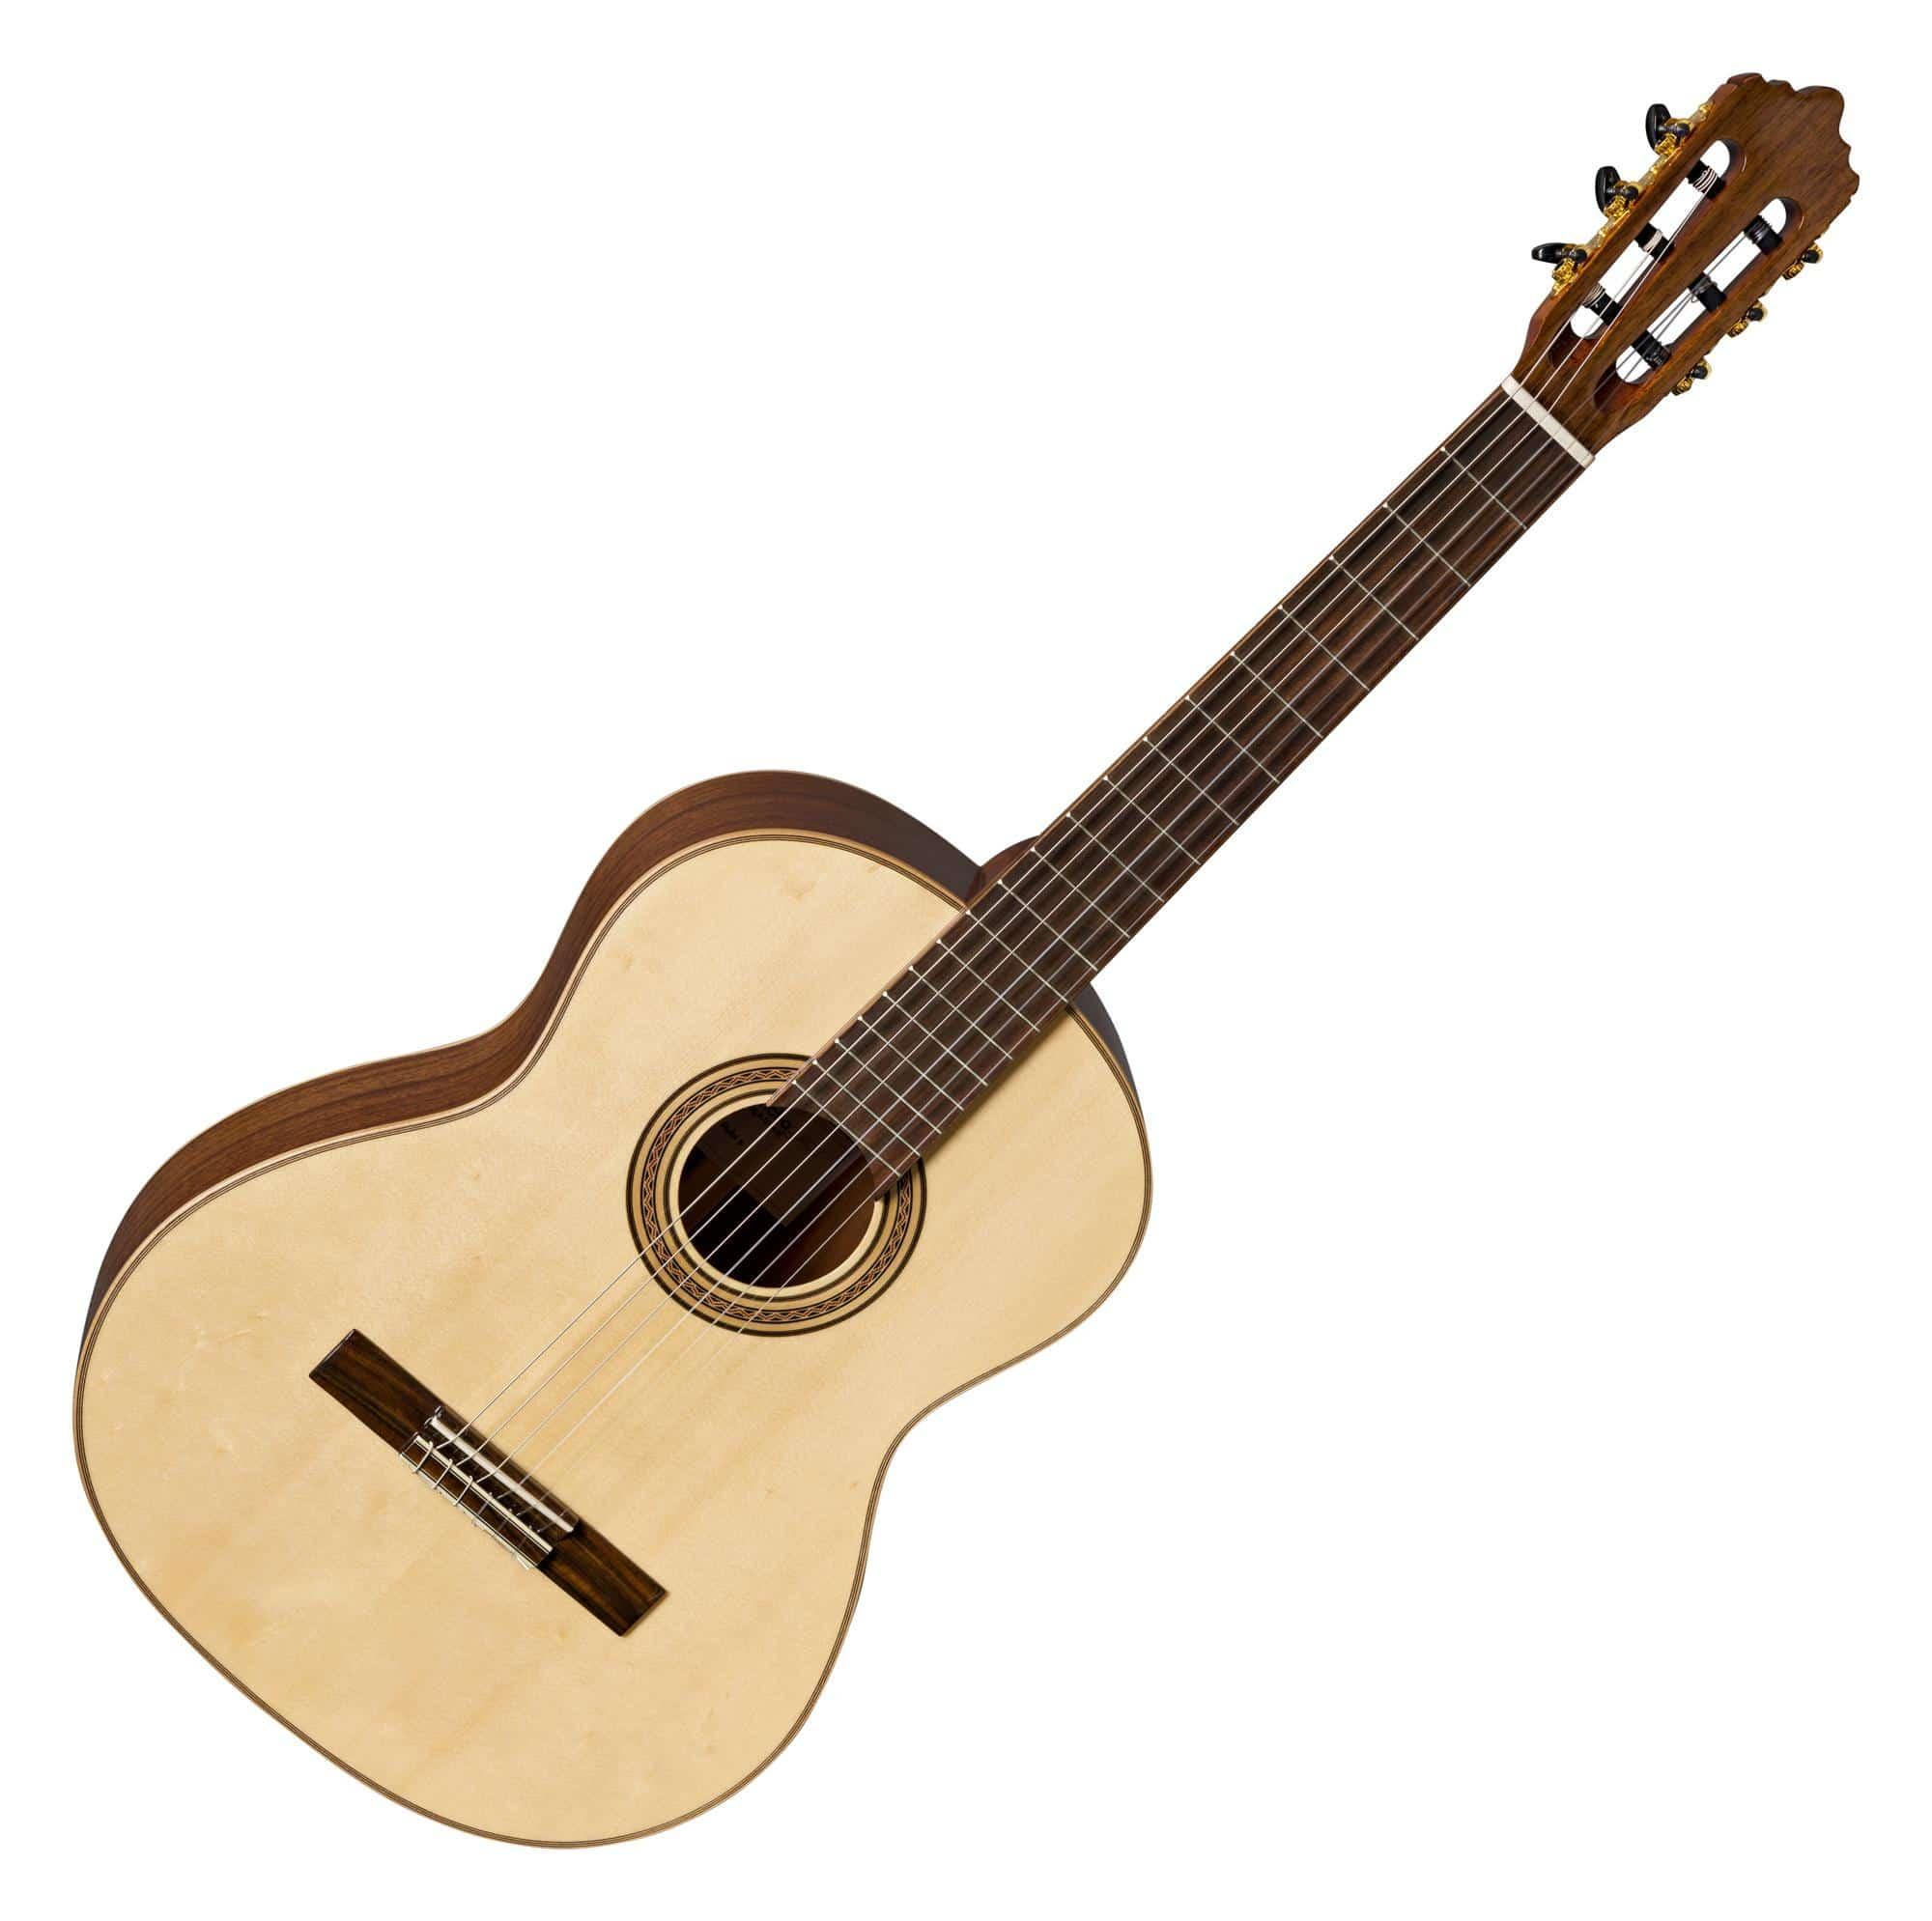 La Mancha Rubi s|59 3|4 Konzertgitarre